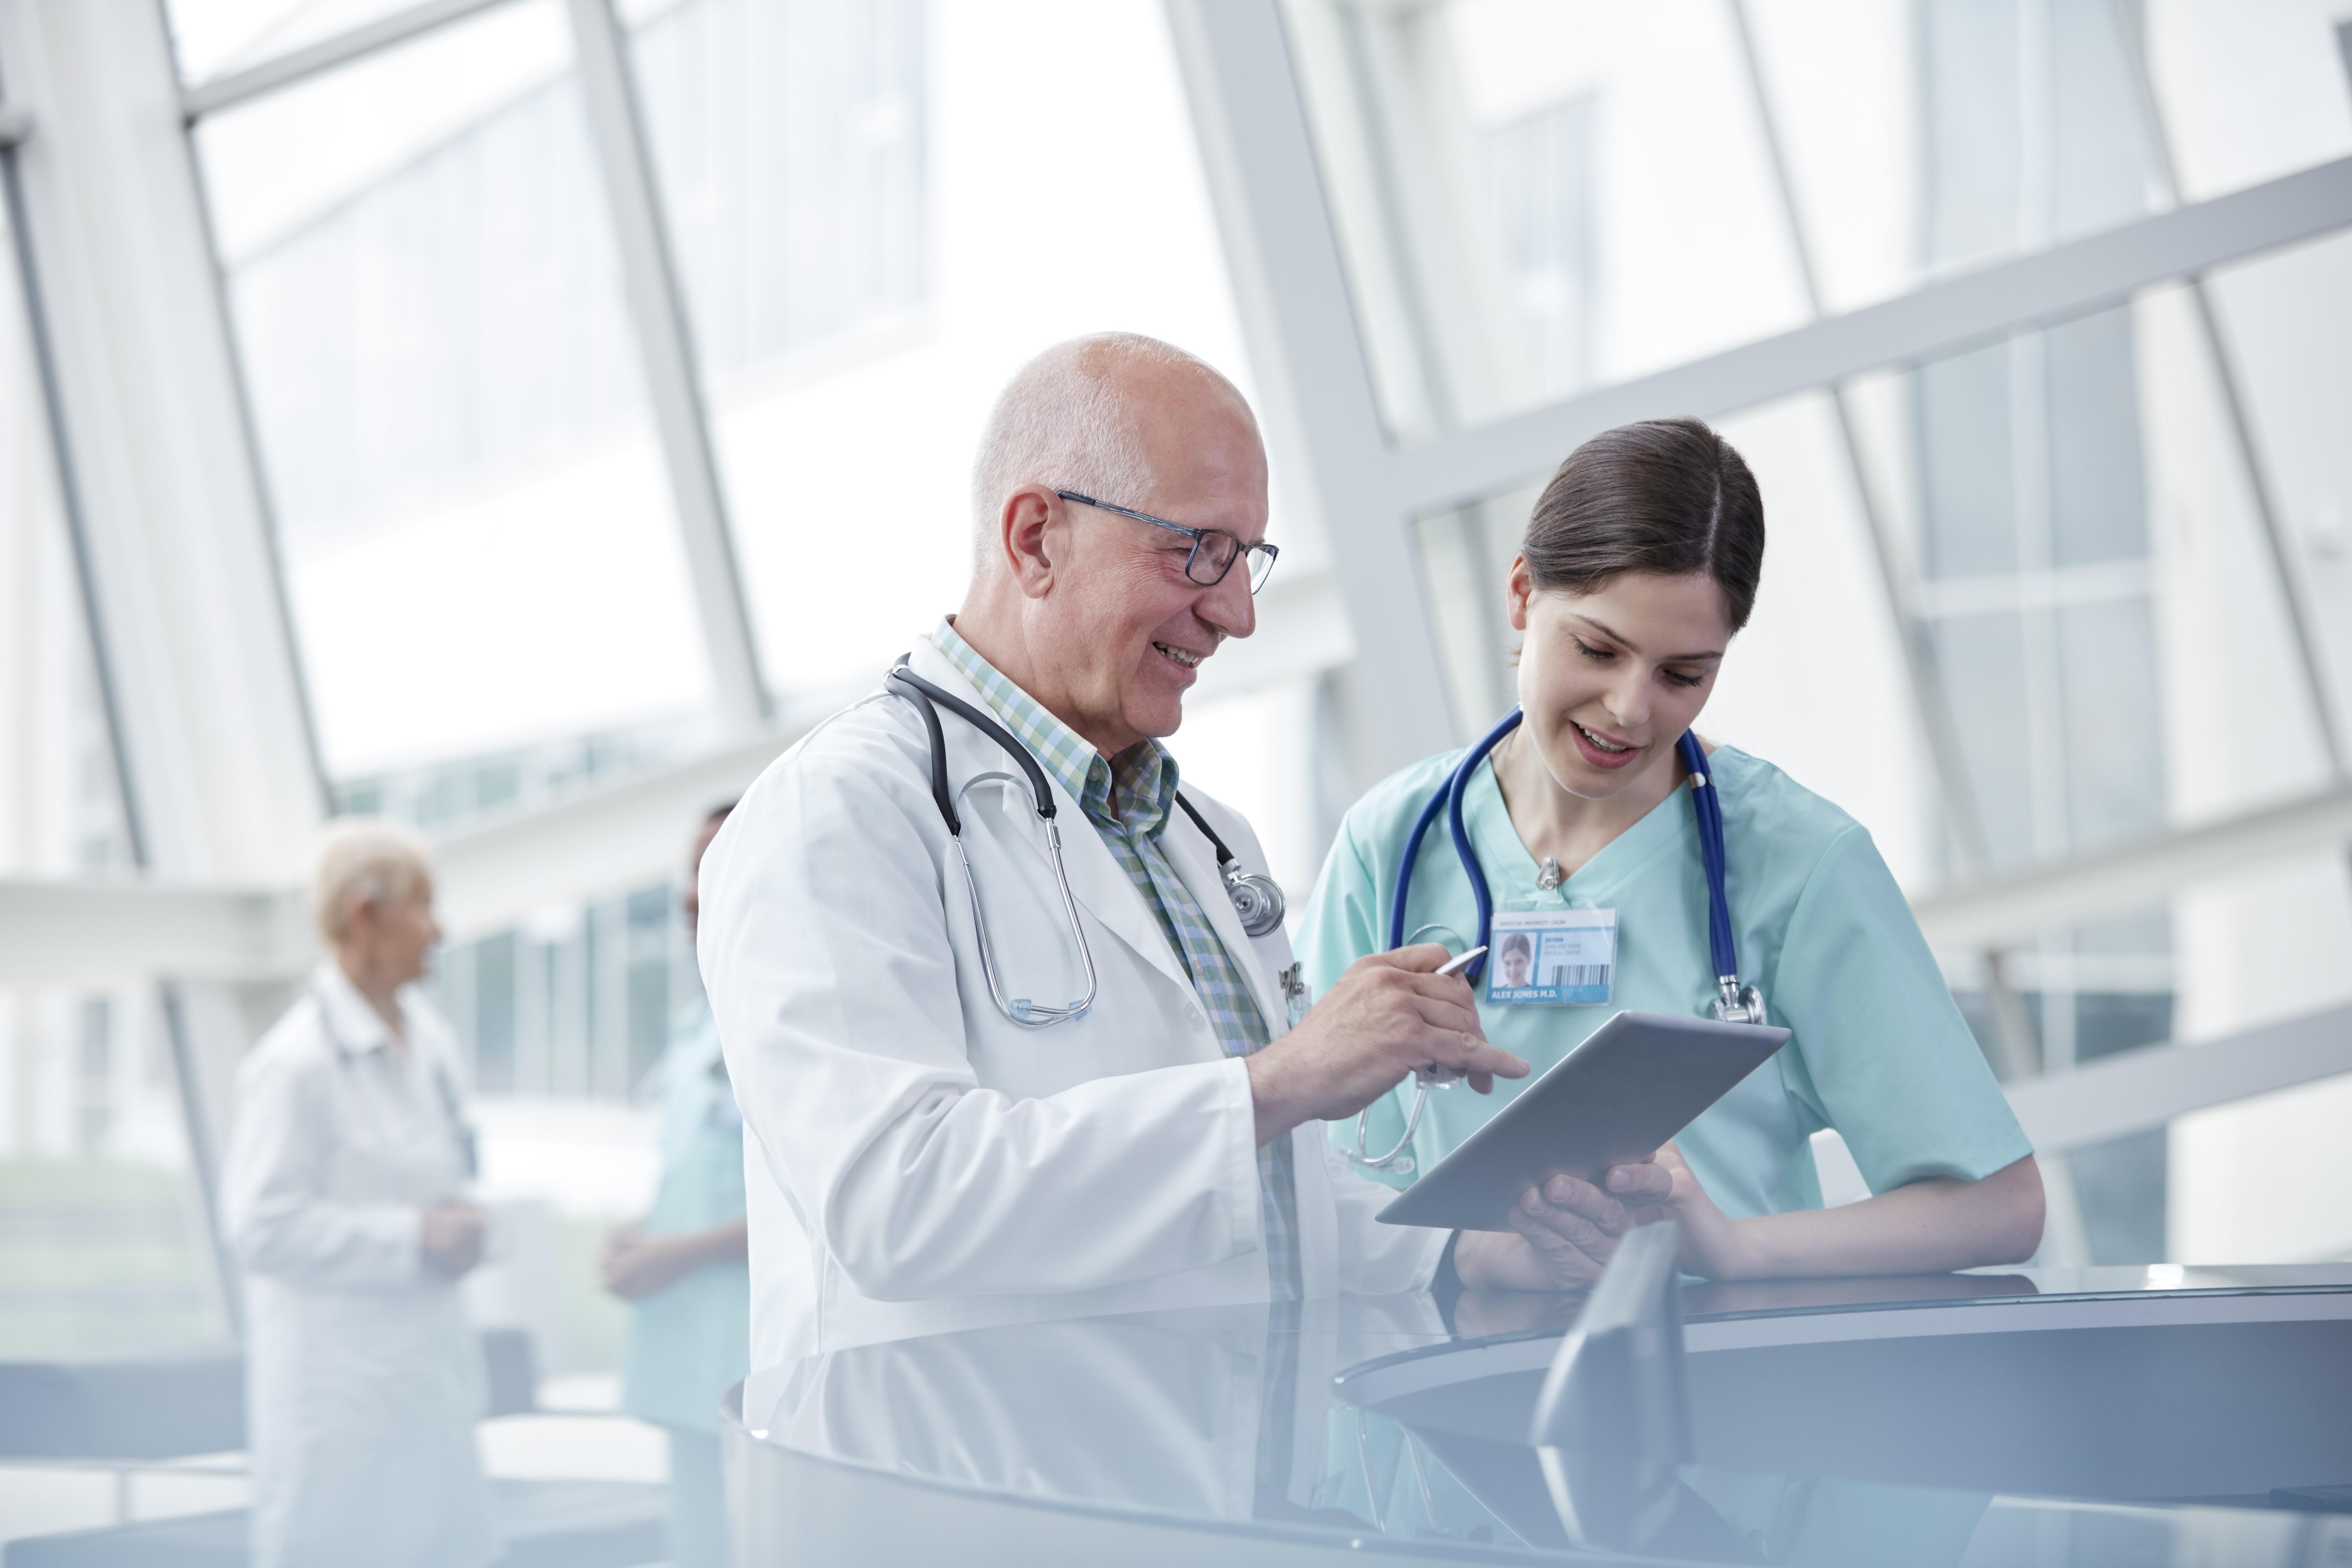 Wellness Nurse Job Description   Career Trend